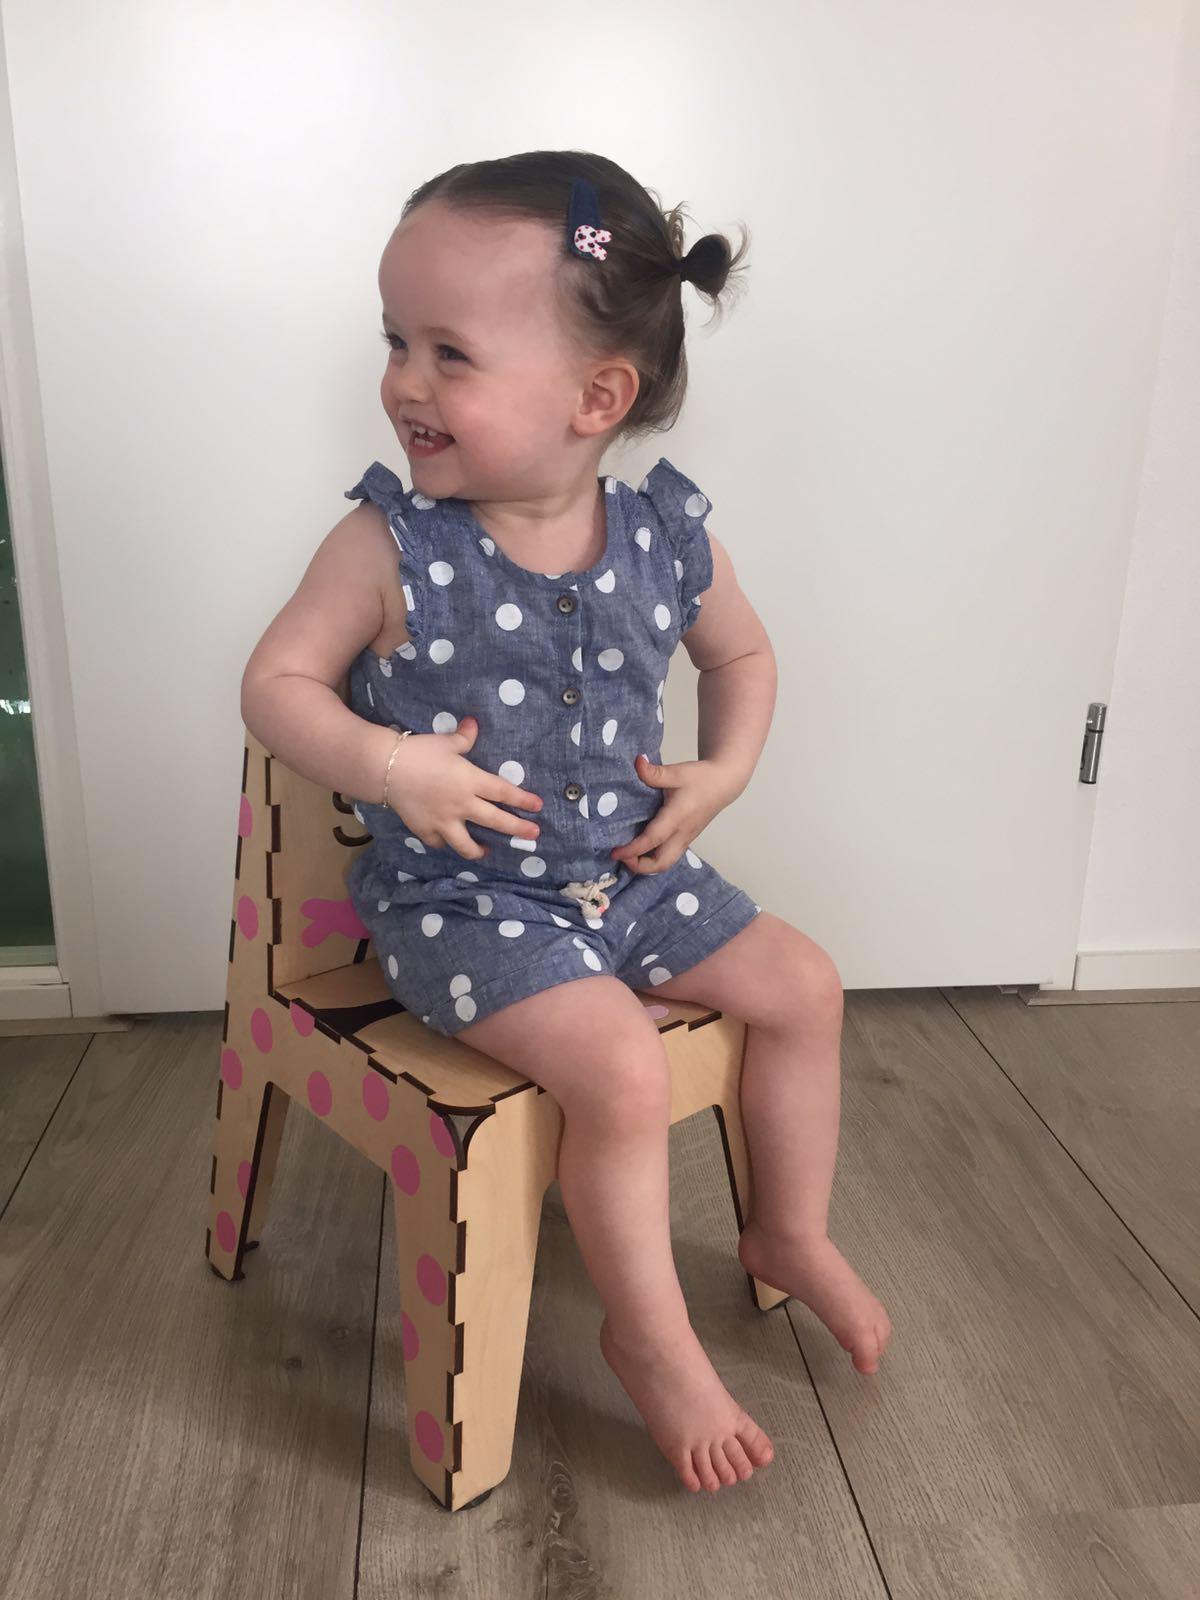 4-16-atelier-vix-stoeltje-diy-knutselen-zelf-stoel-verven-voorbeeld-nanny-moeder-creatief-klik-klak-stoeltje